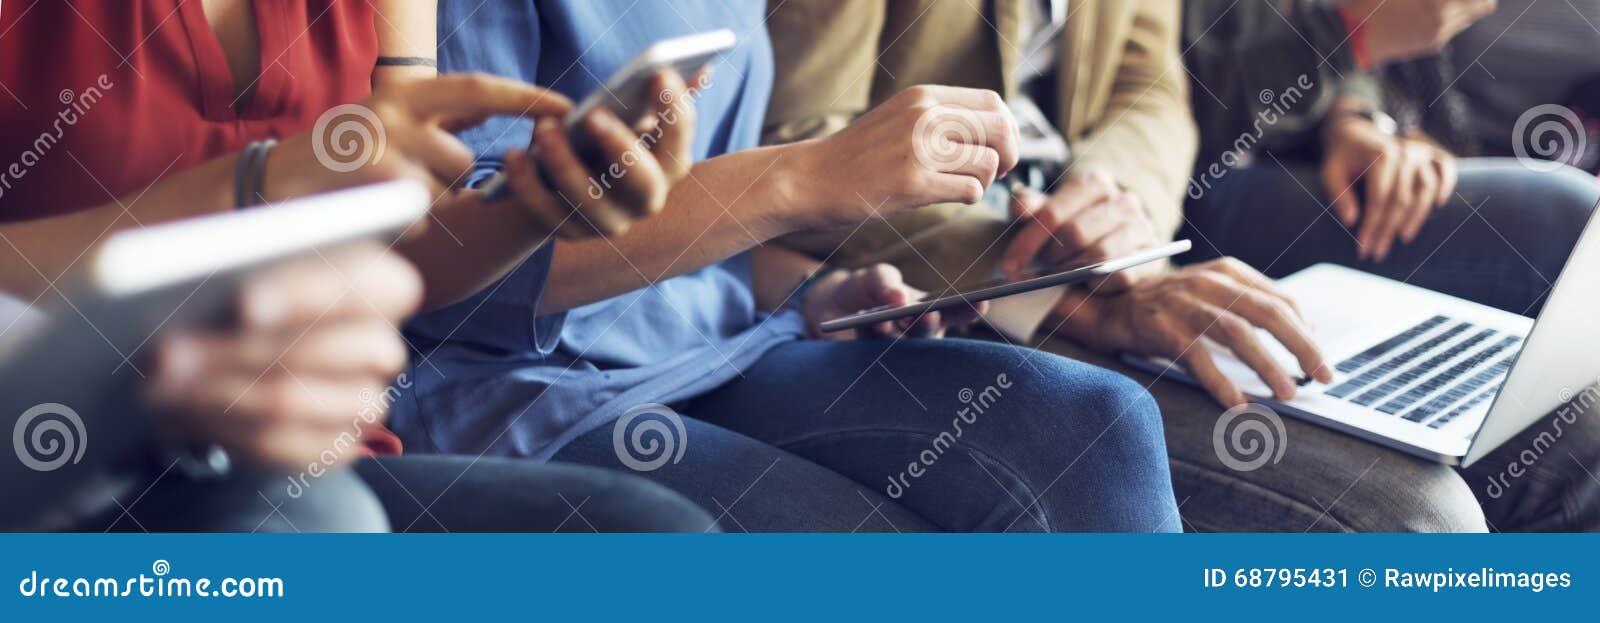 不同的人电子设备连接概念